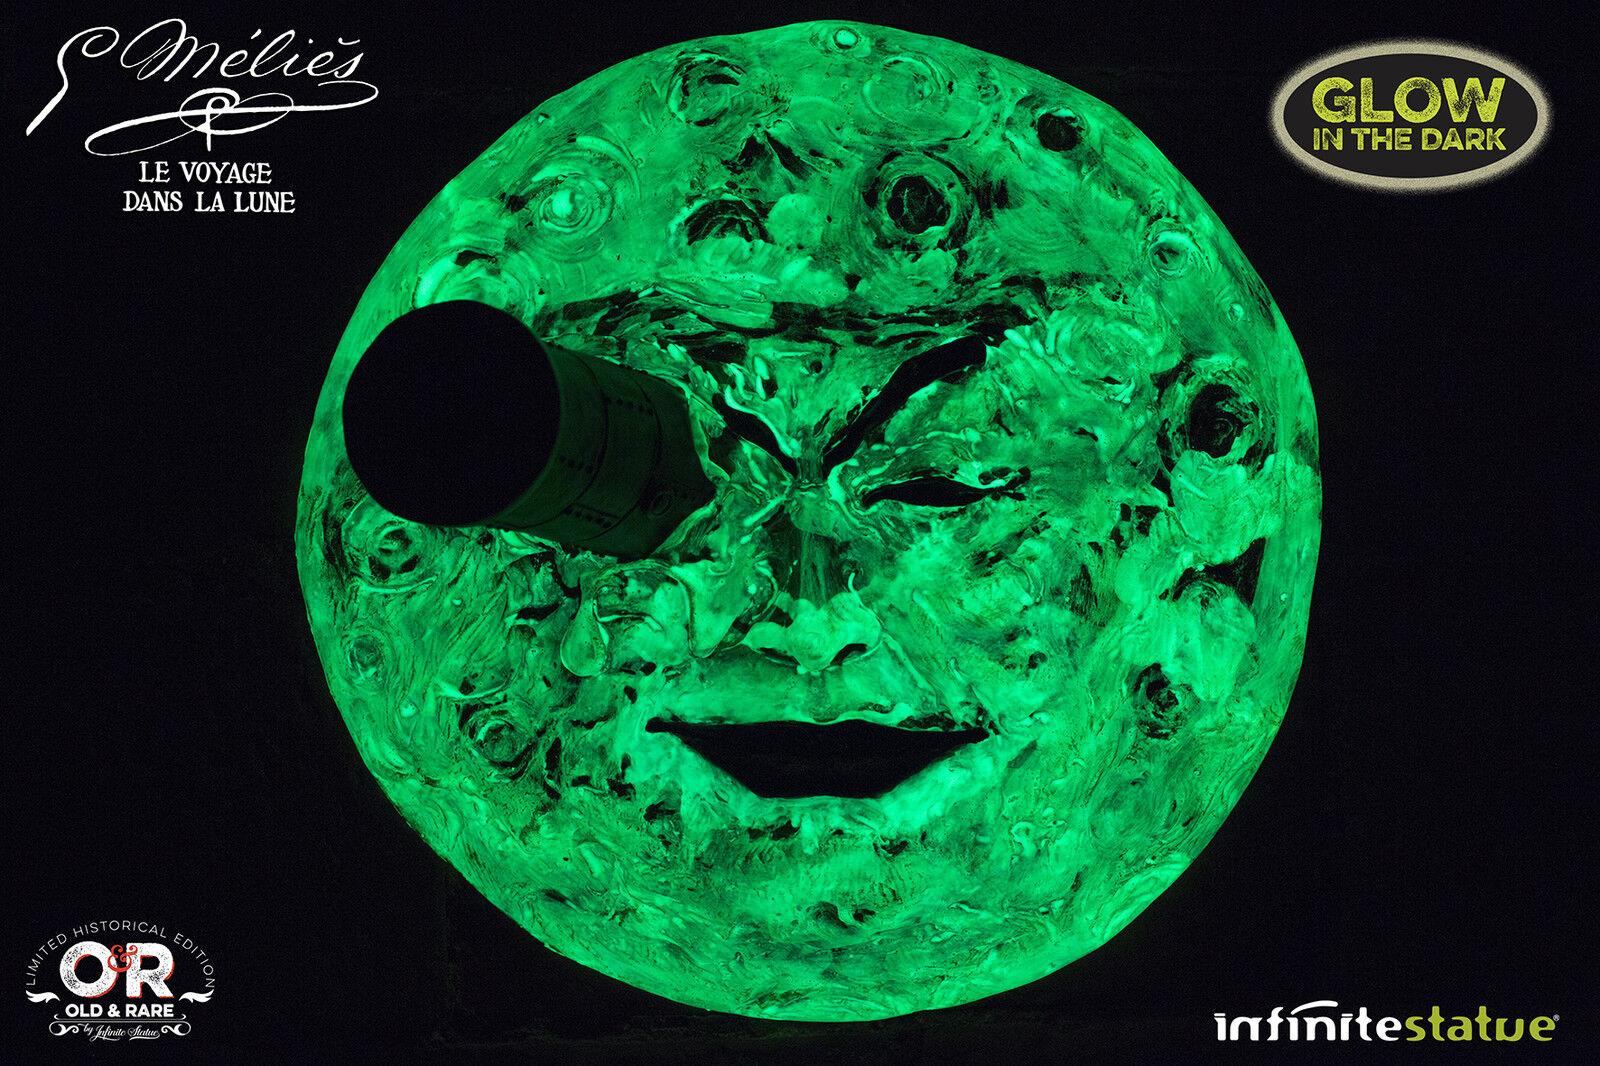 La luna di Méliès Full Moon Special Edition Glow In The Dark fluorescent finish